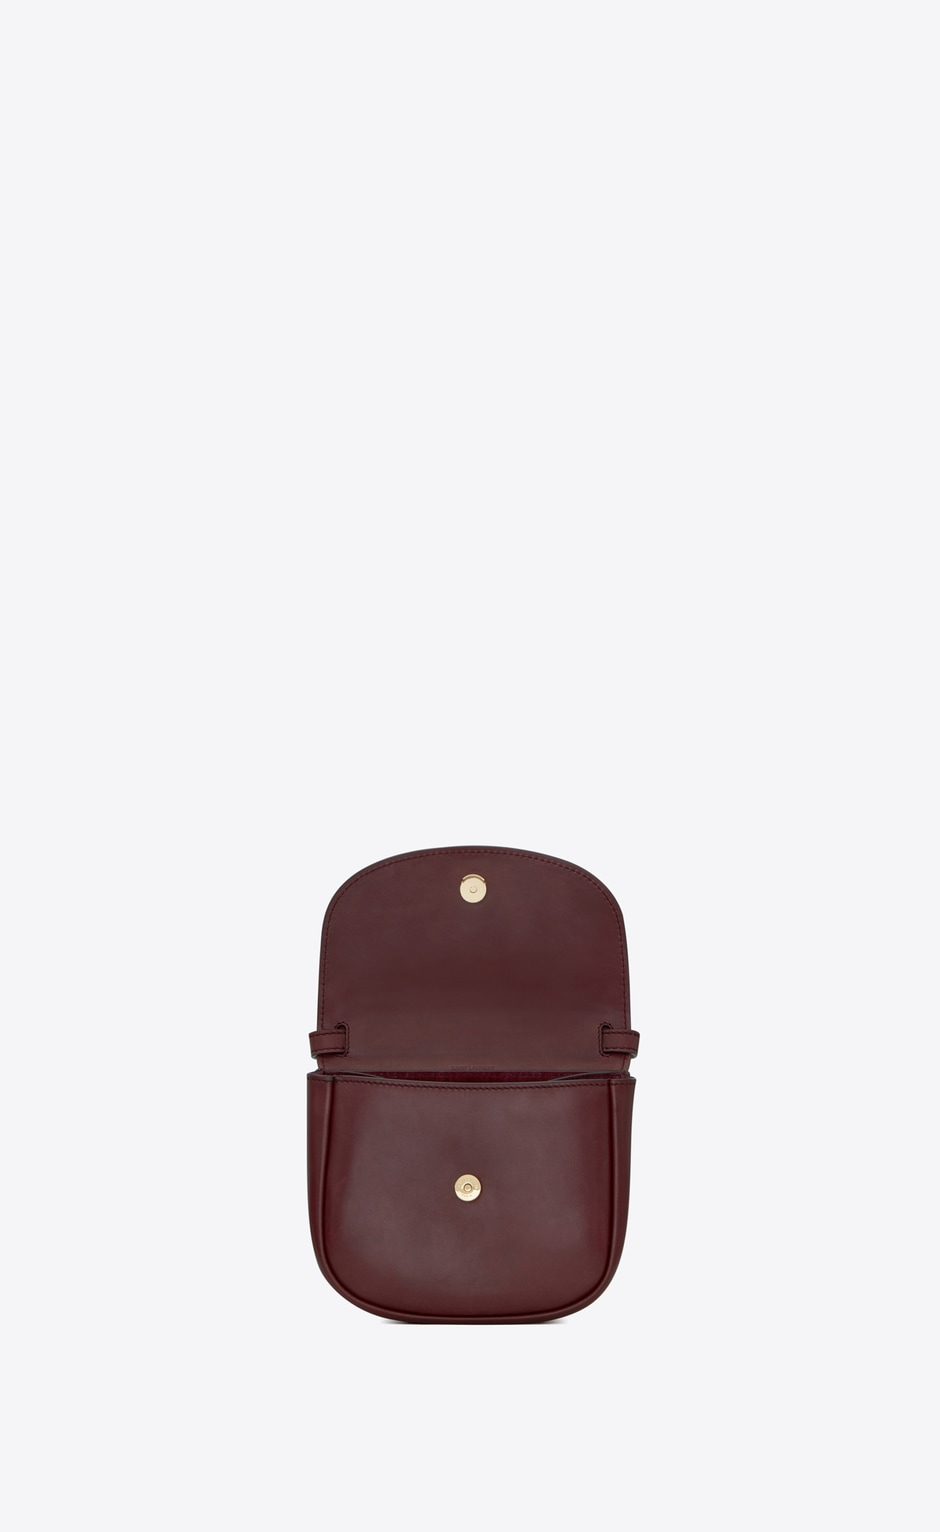 유럽직배송 입생로랑 SAINT LAURENT KAIA small satchel in smooth leather 619740BWR0W6475